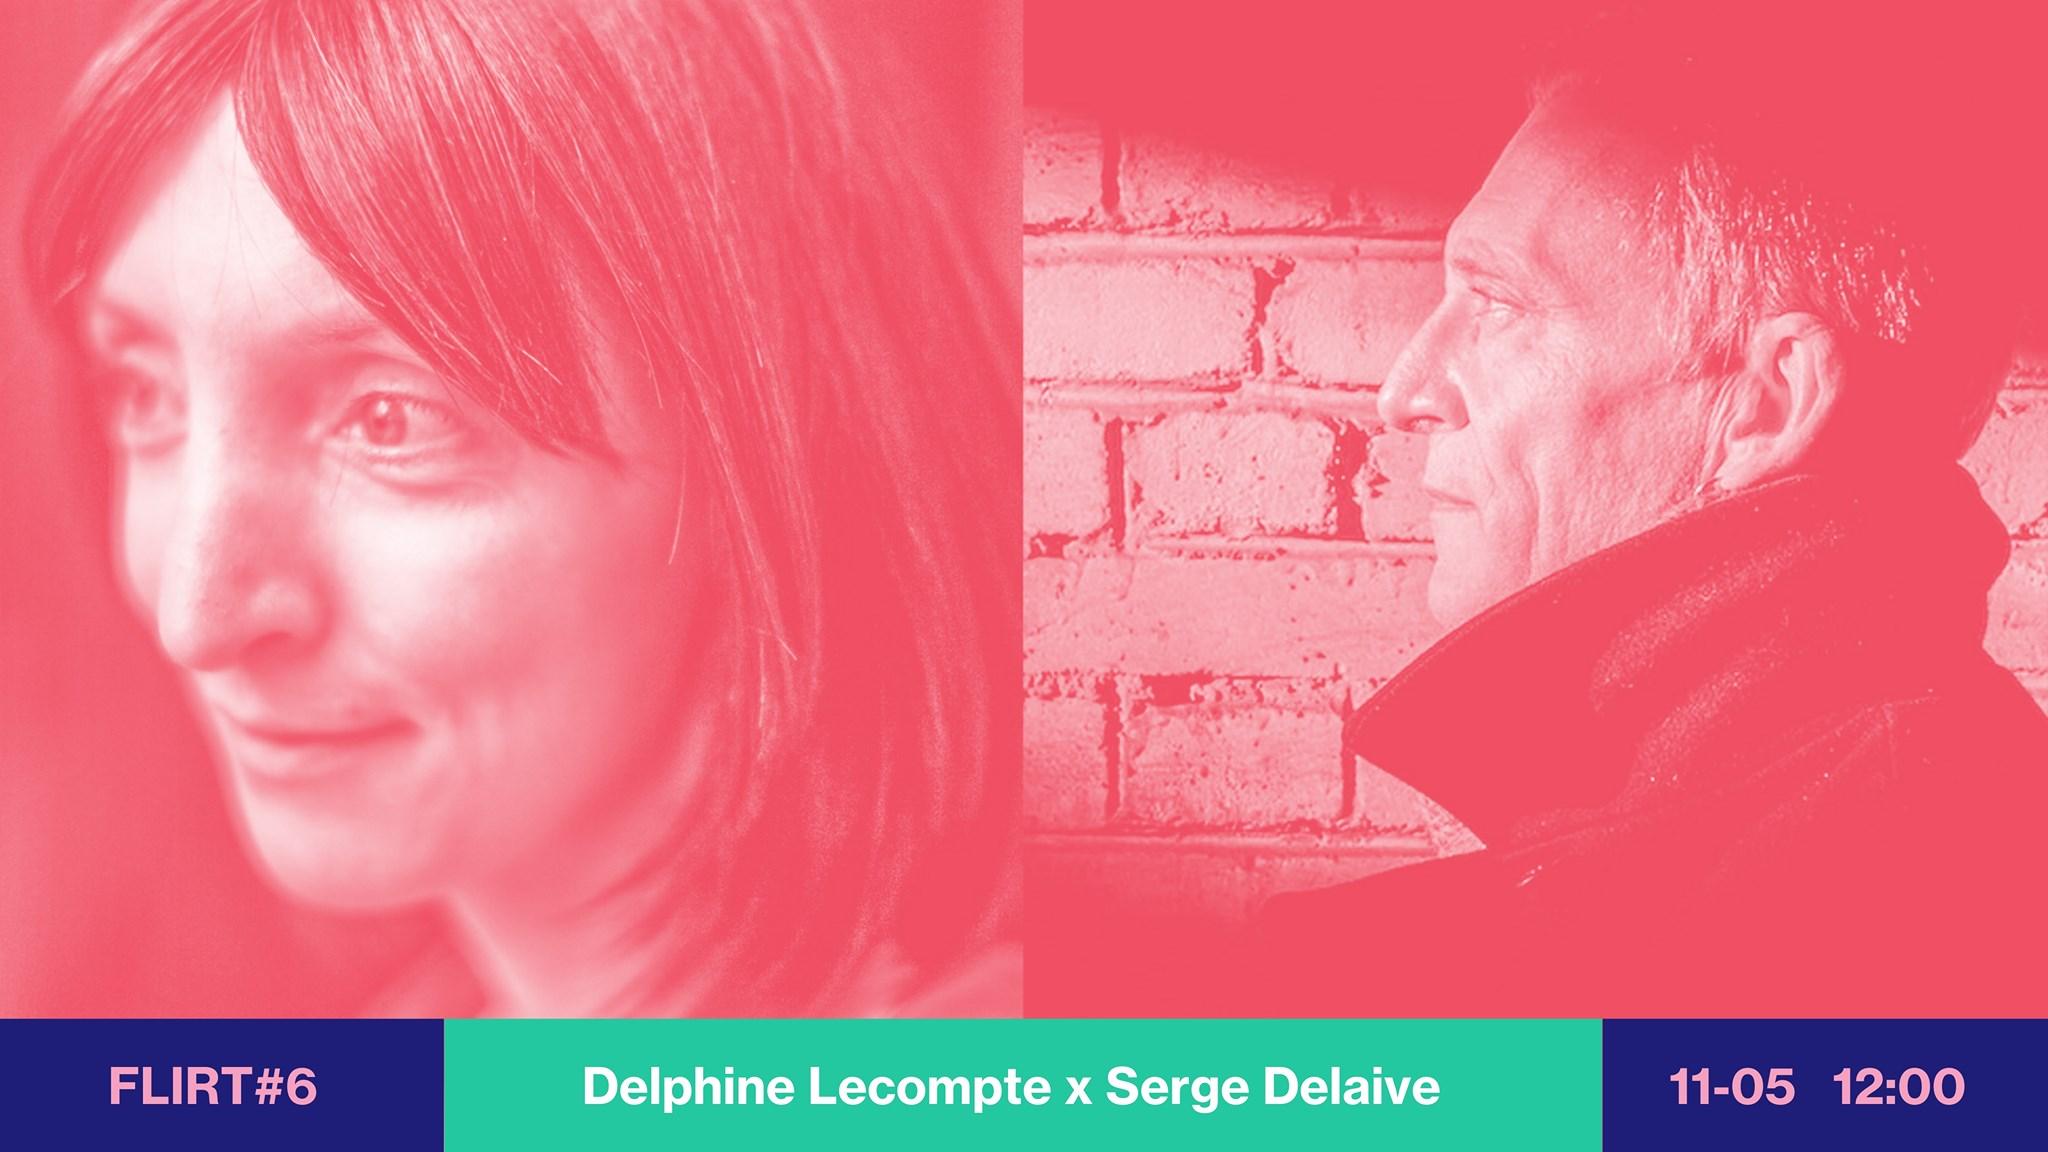 FLIRT #6 Delphine Lecompte & Serge Delaive